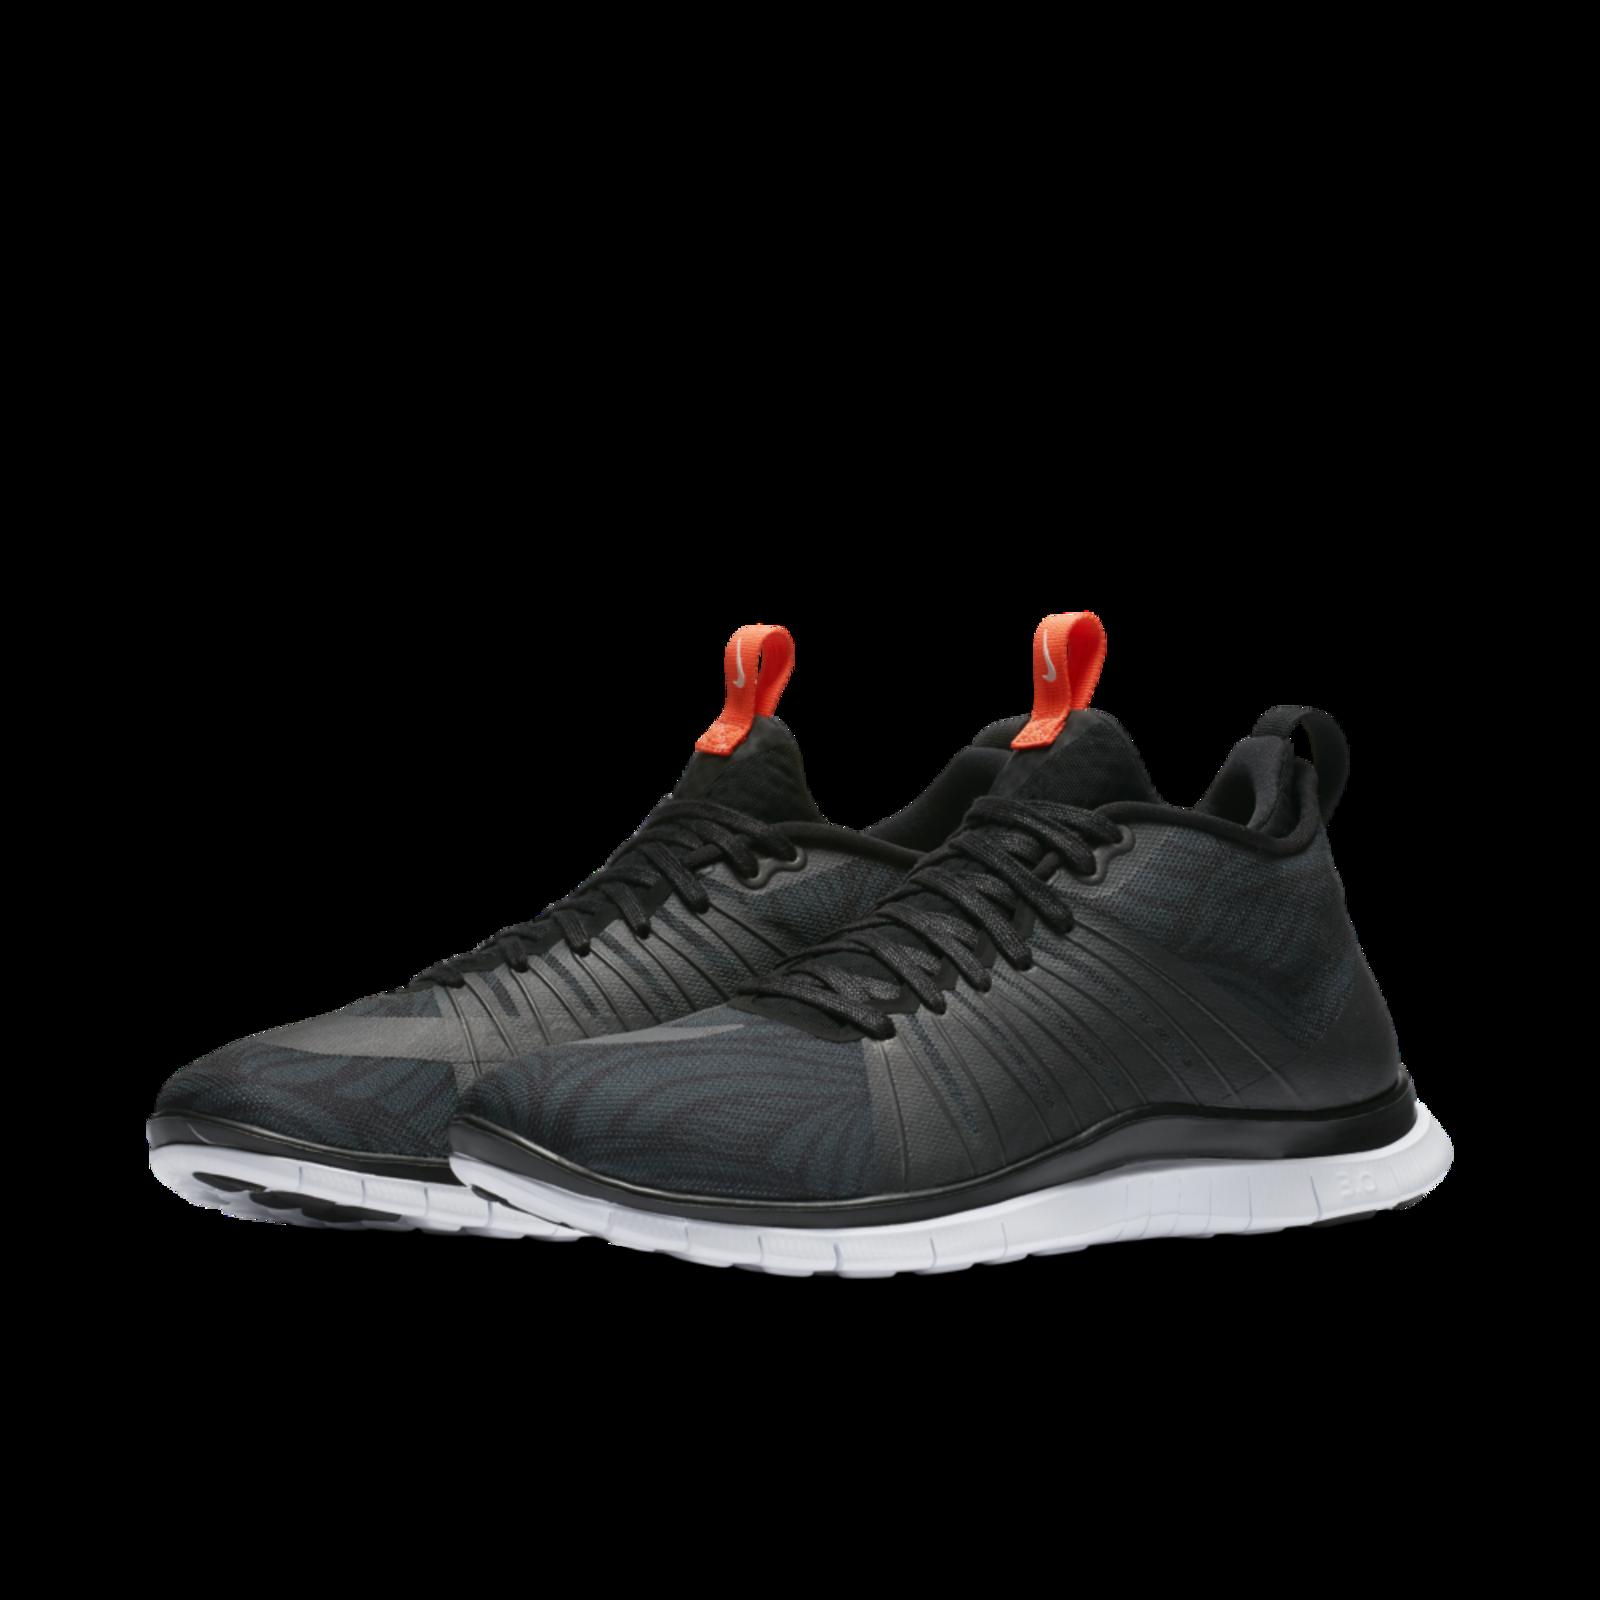 Do Nike Sb Shoes Run Big